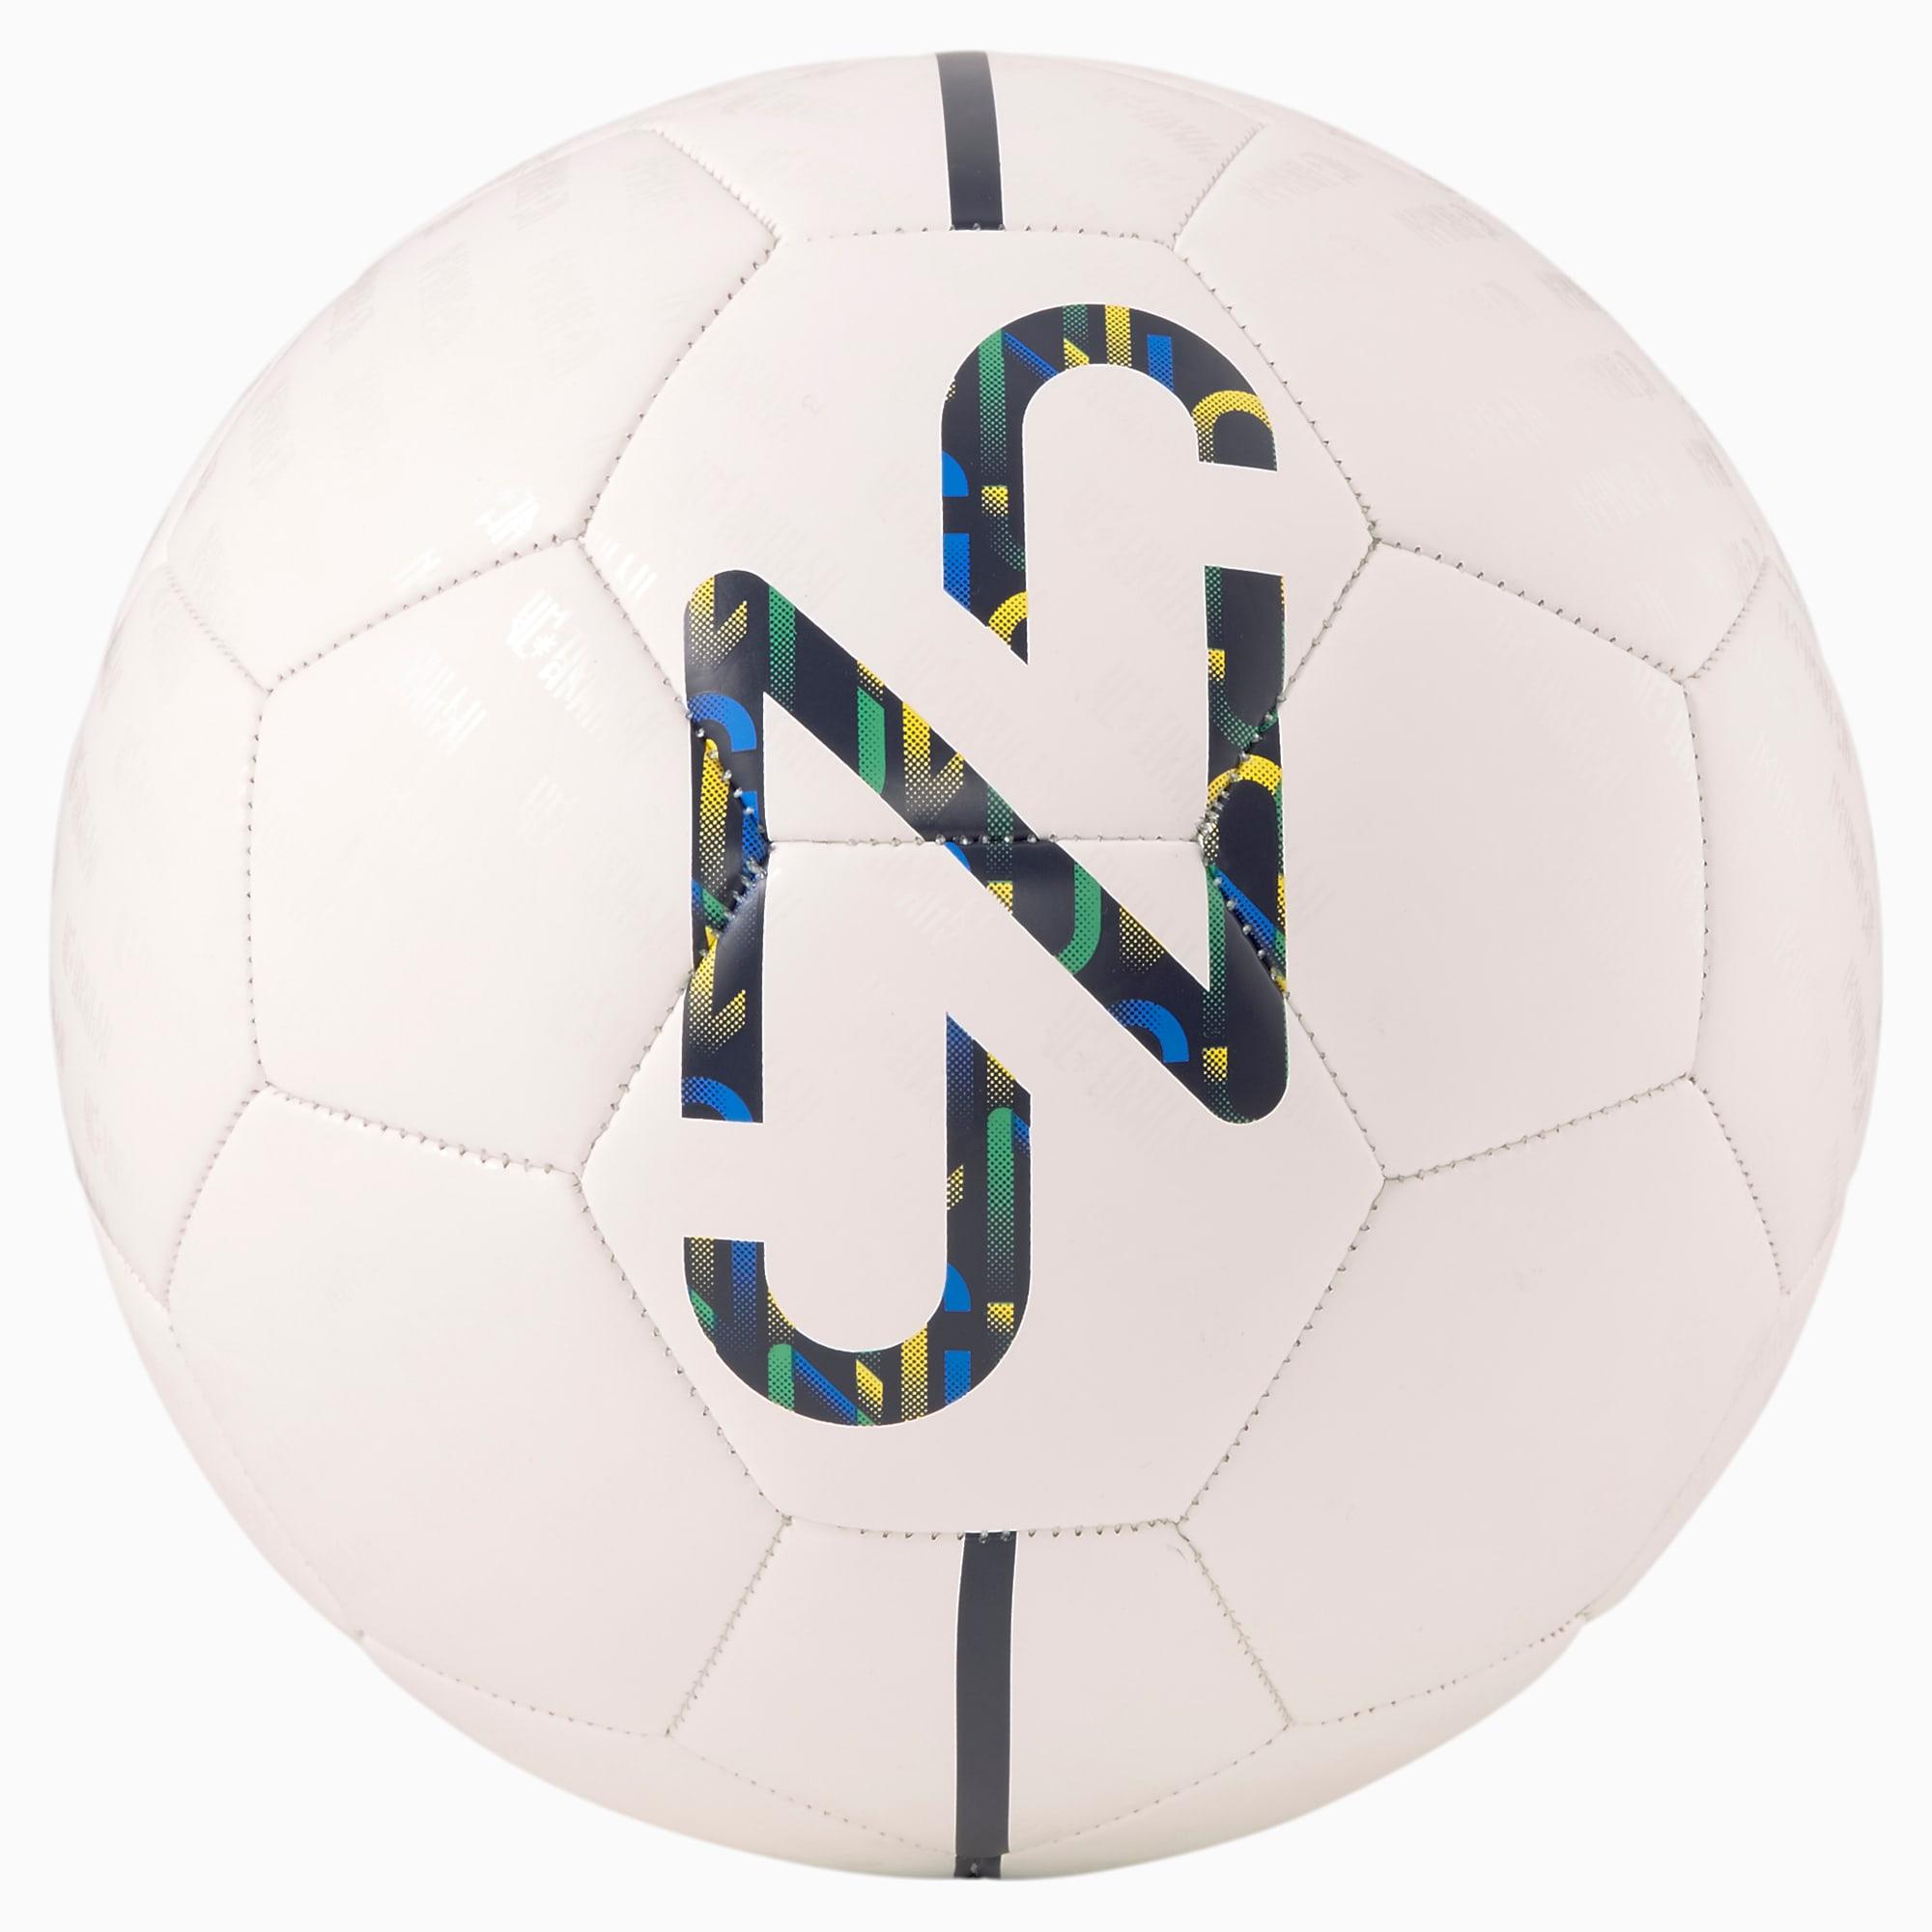 Pallone da calcio per allenamento Neymar Jr Fan, Bianco, Taglia 3   PUMA